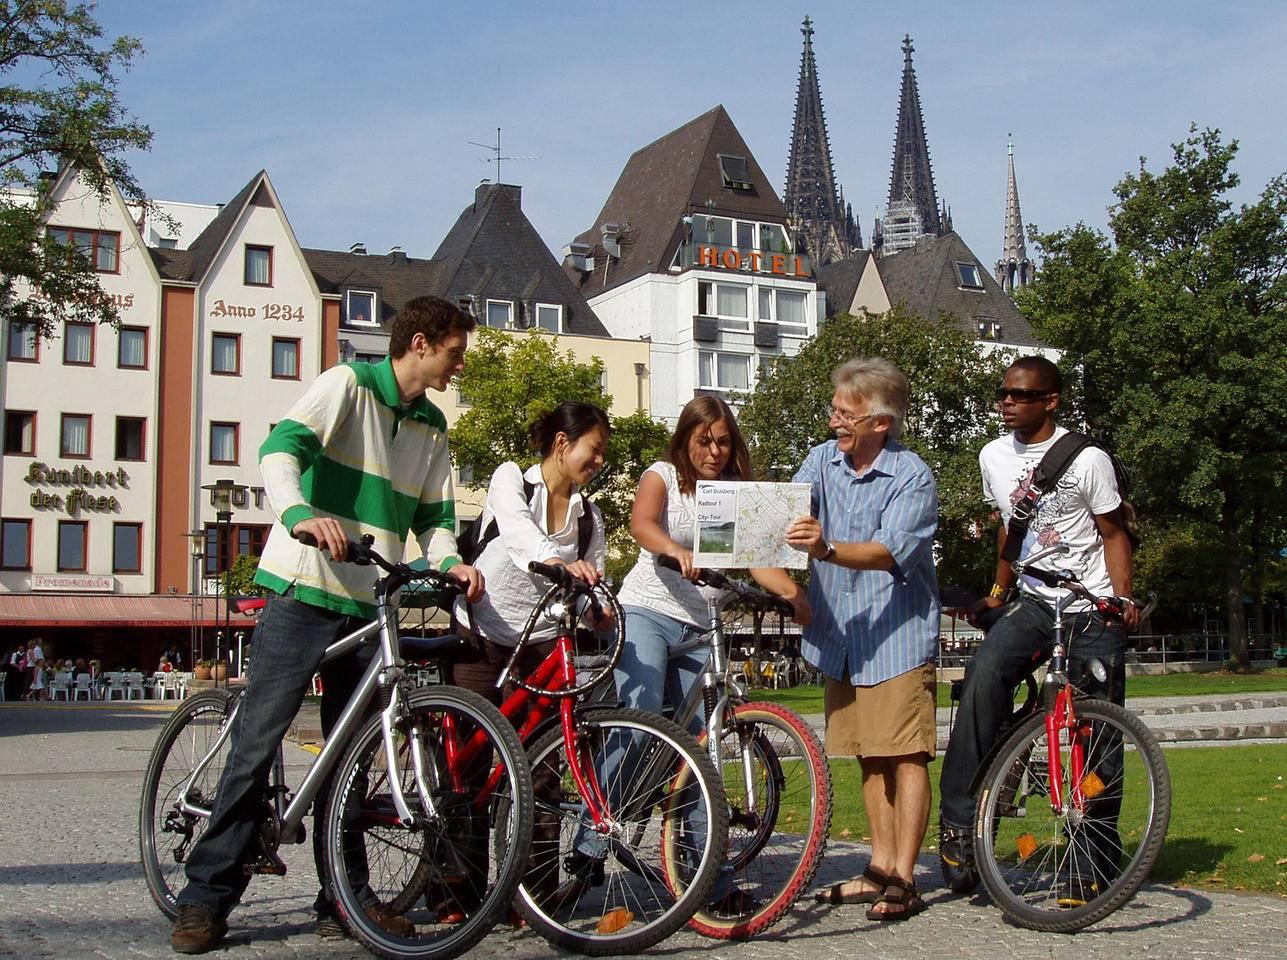 Топ 10 городов германии, в которых стоит побывать